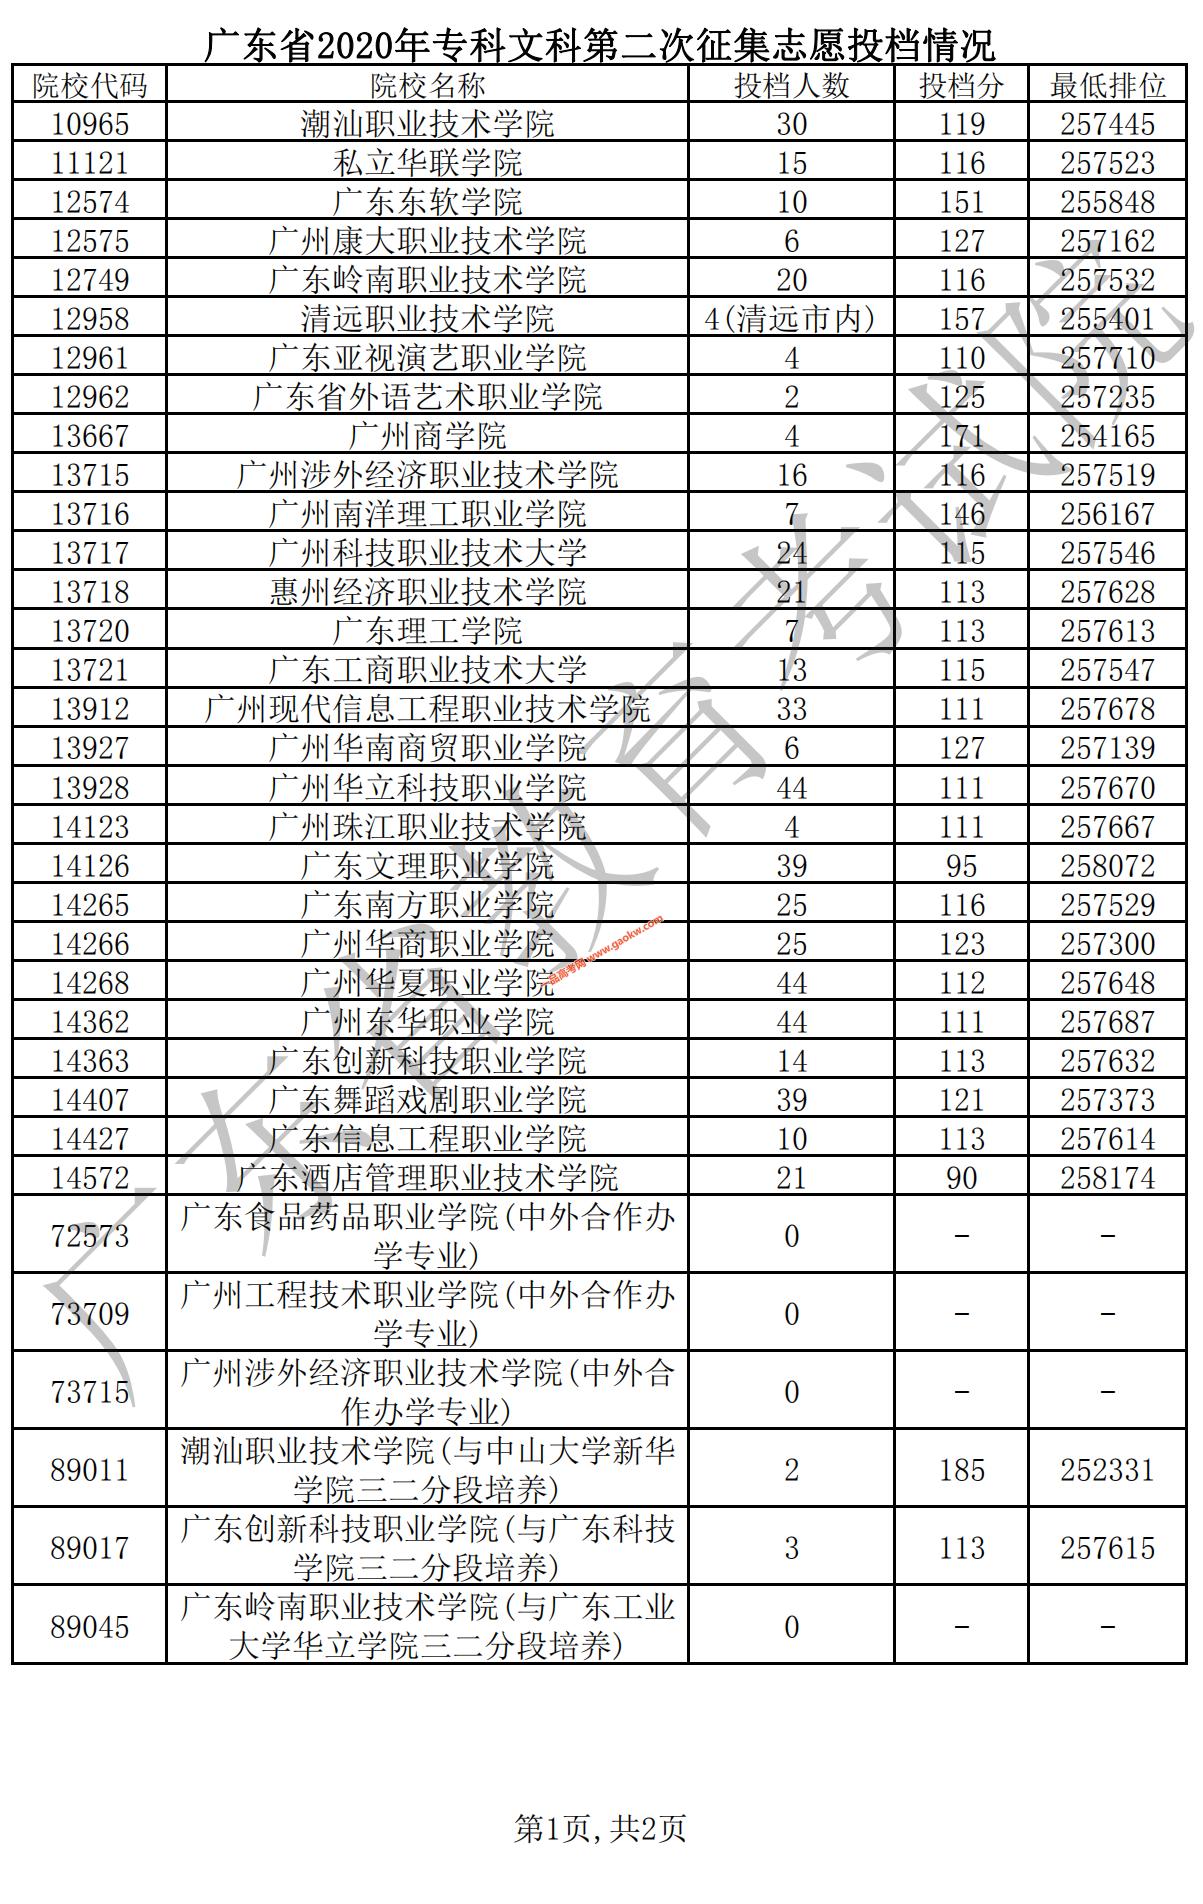 广东省2020年专科文科第二次征集志愿投档情况